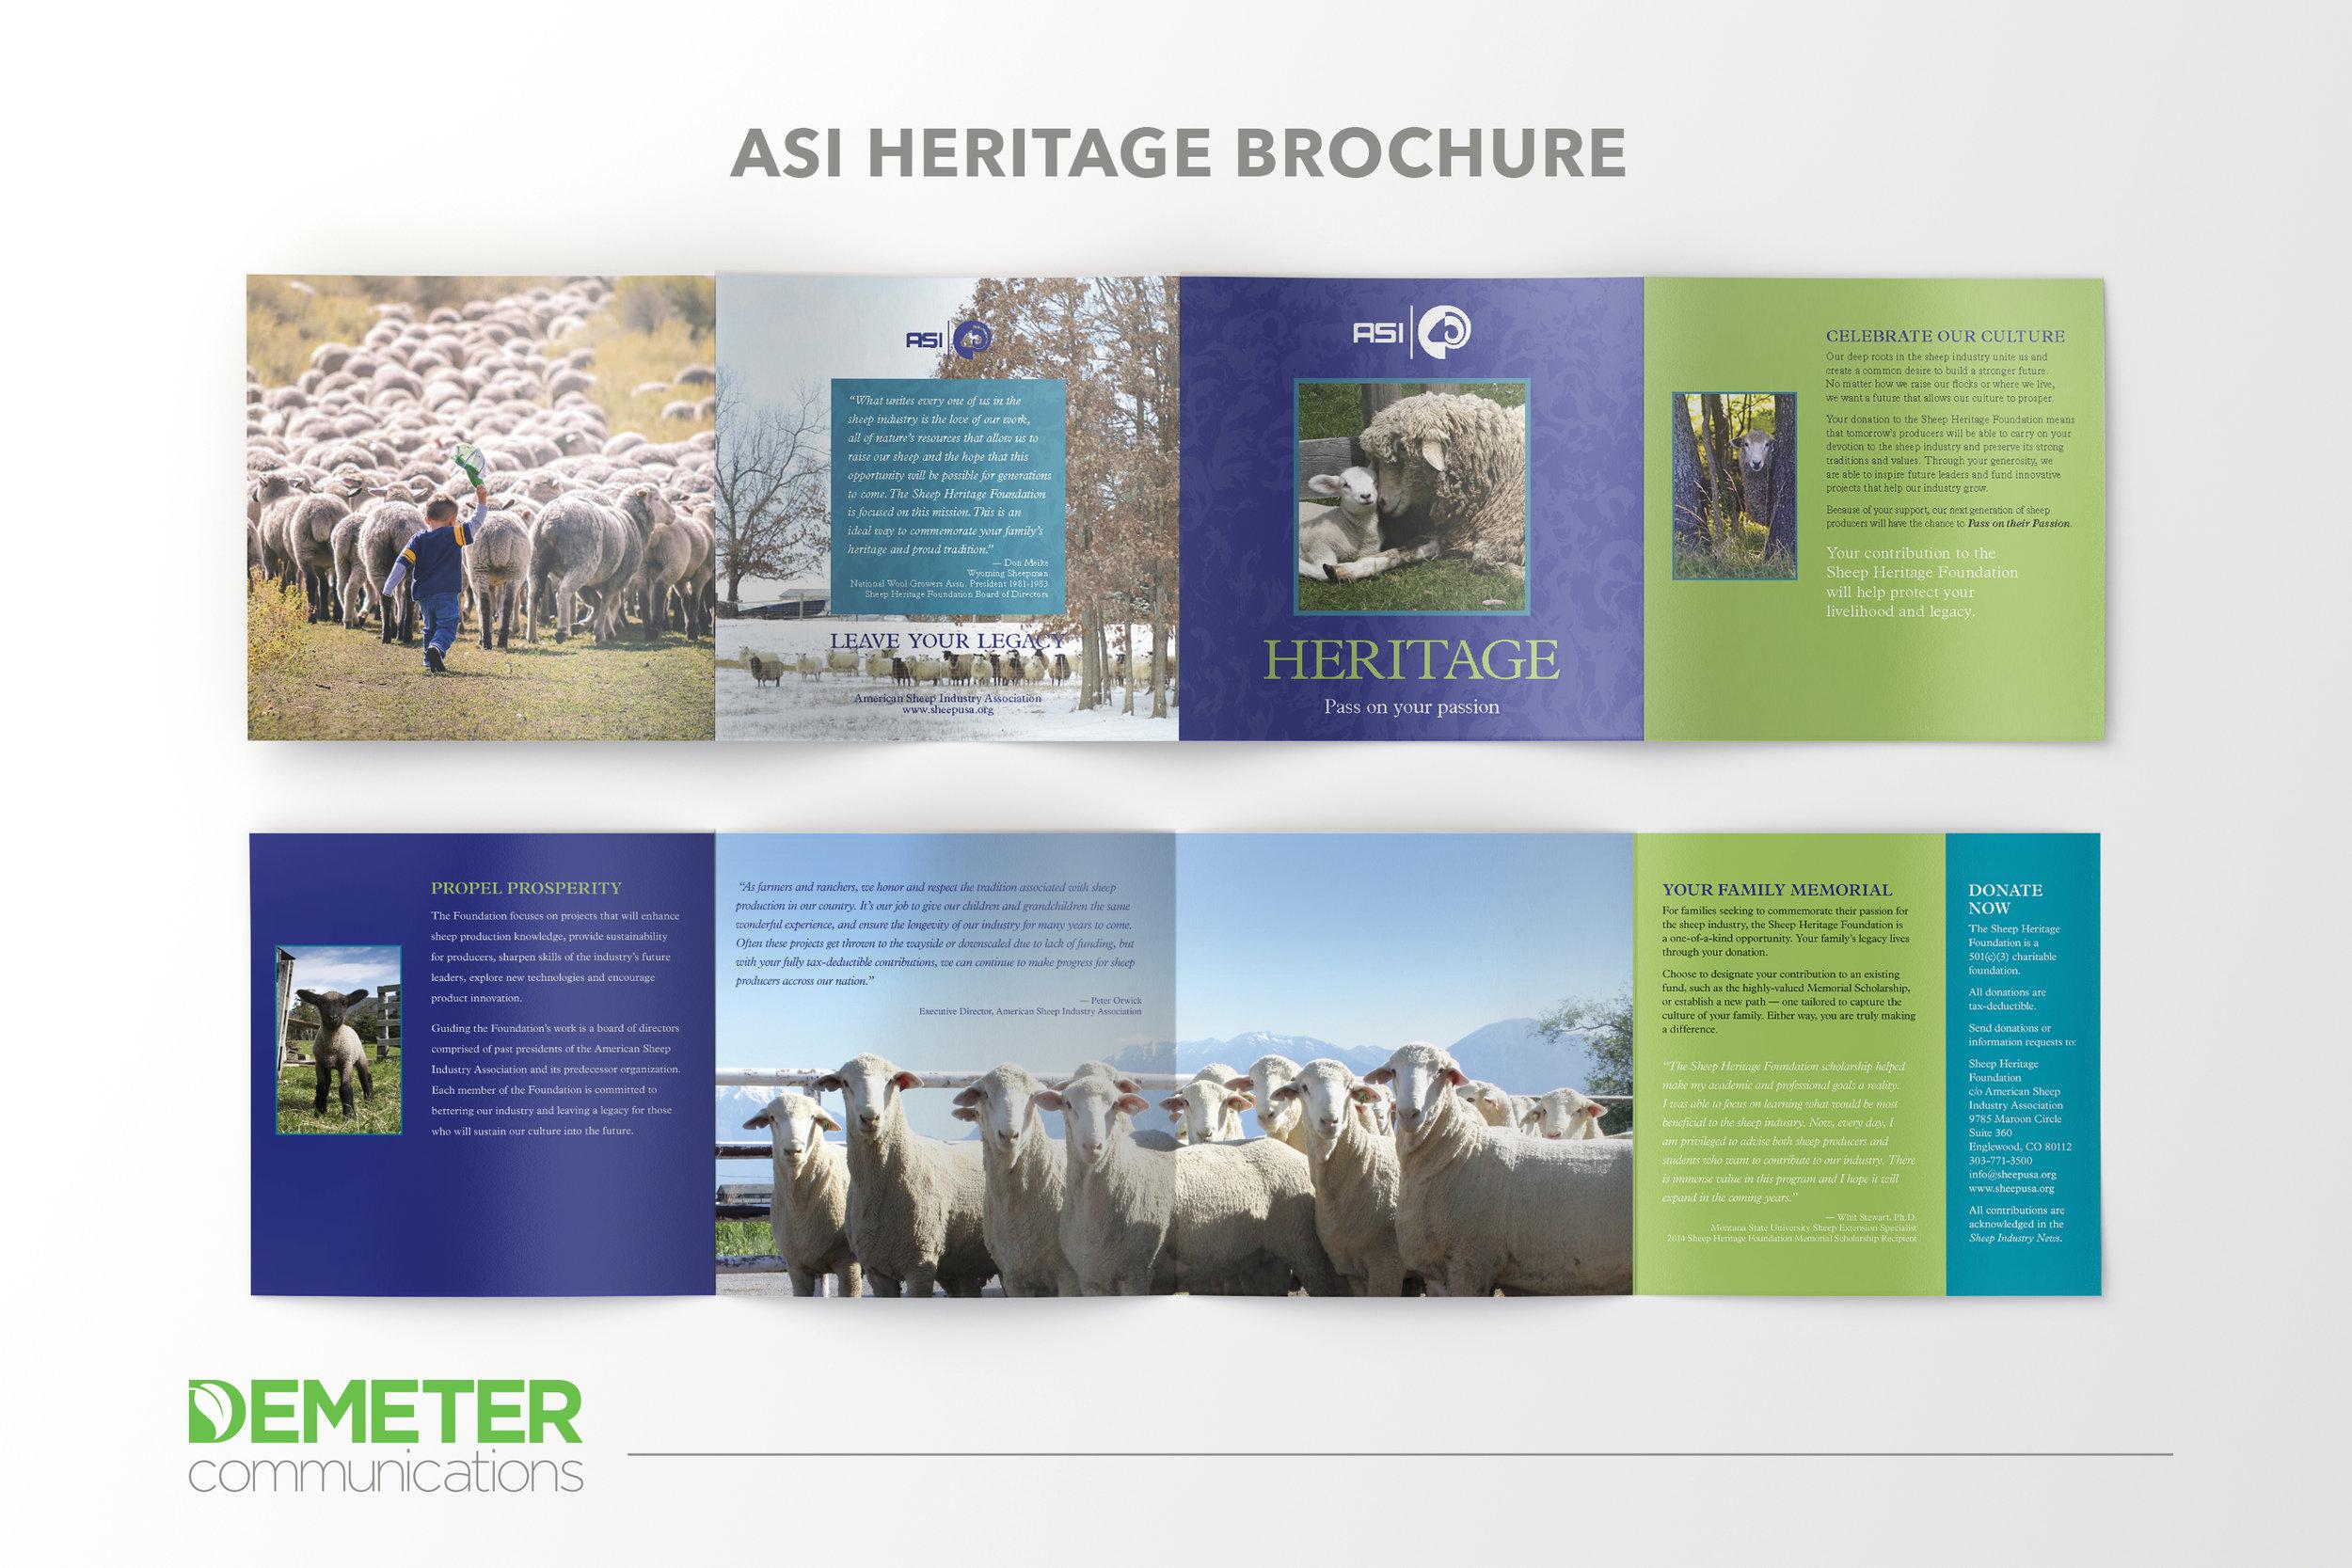 ASI Heritage Brochure Mock Up.jpg